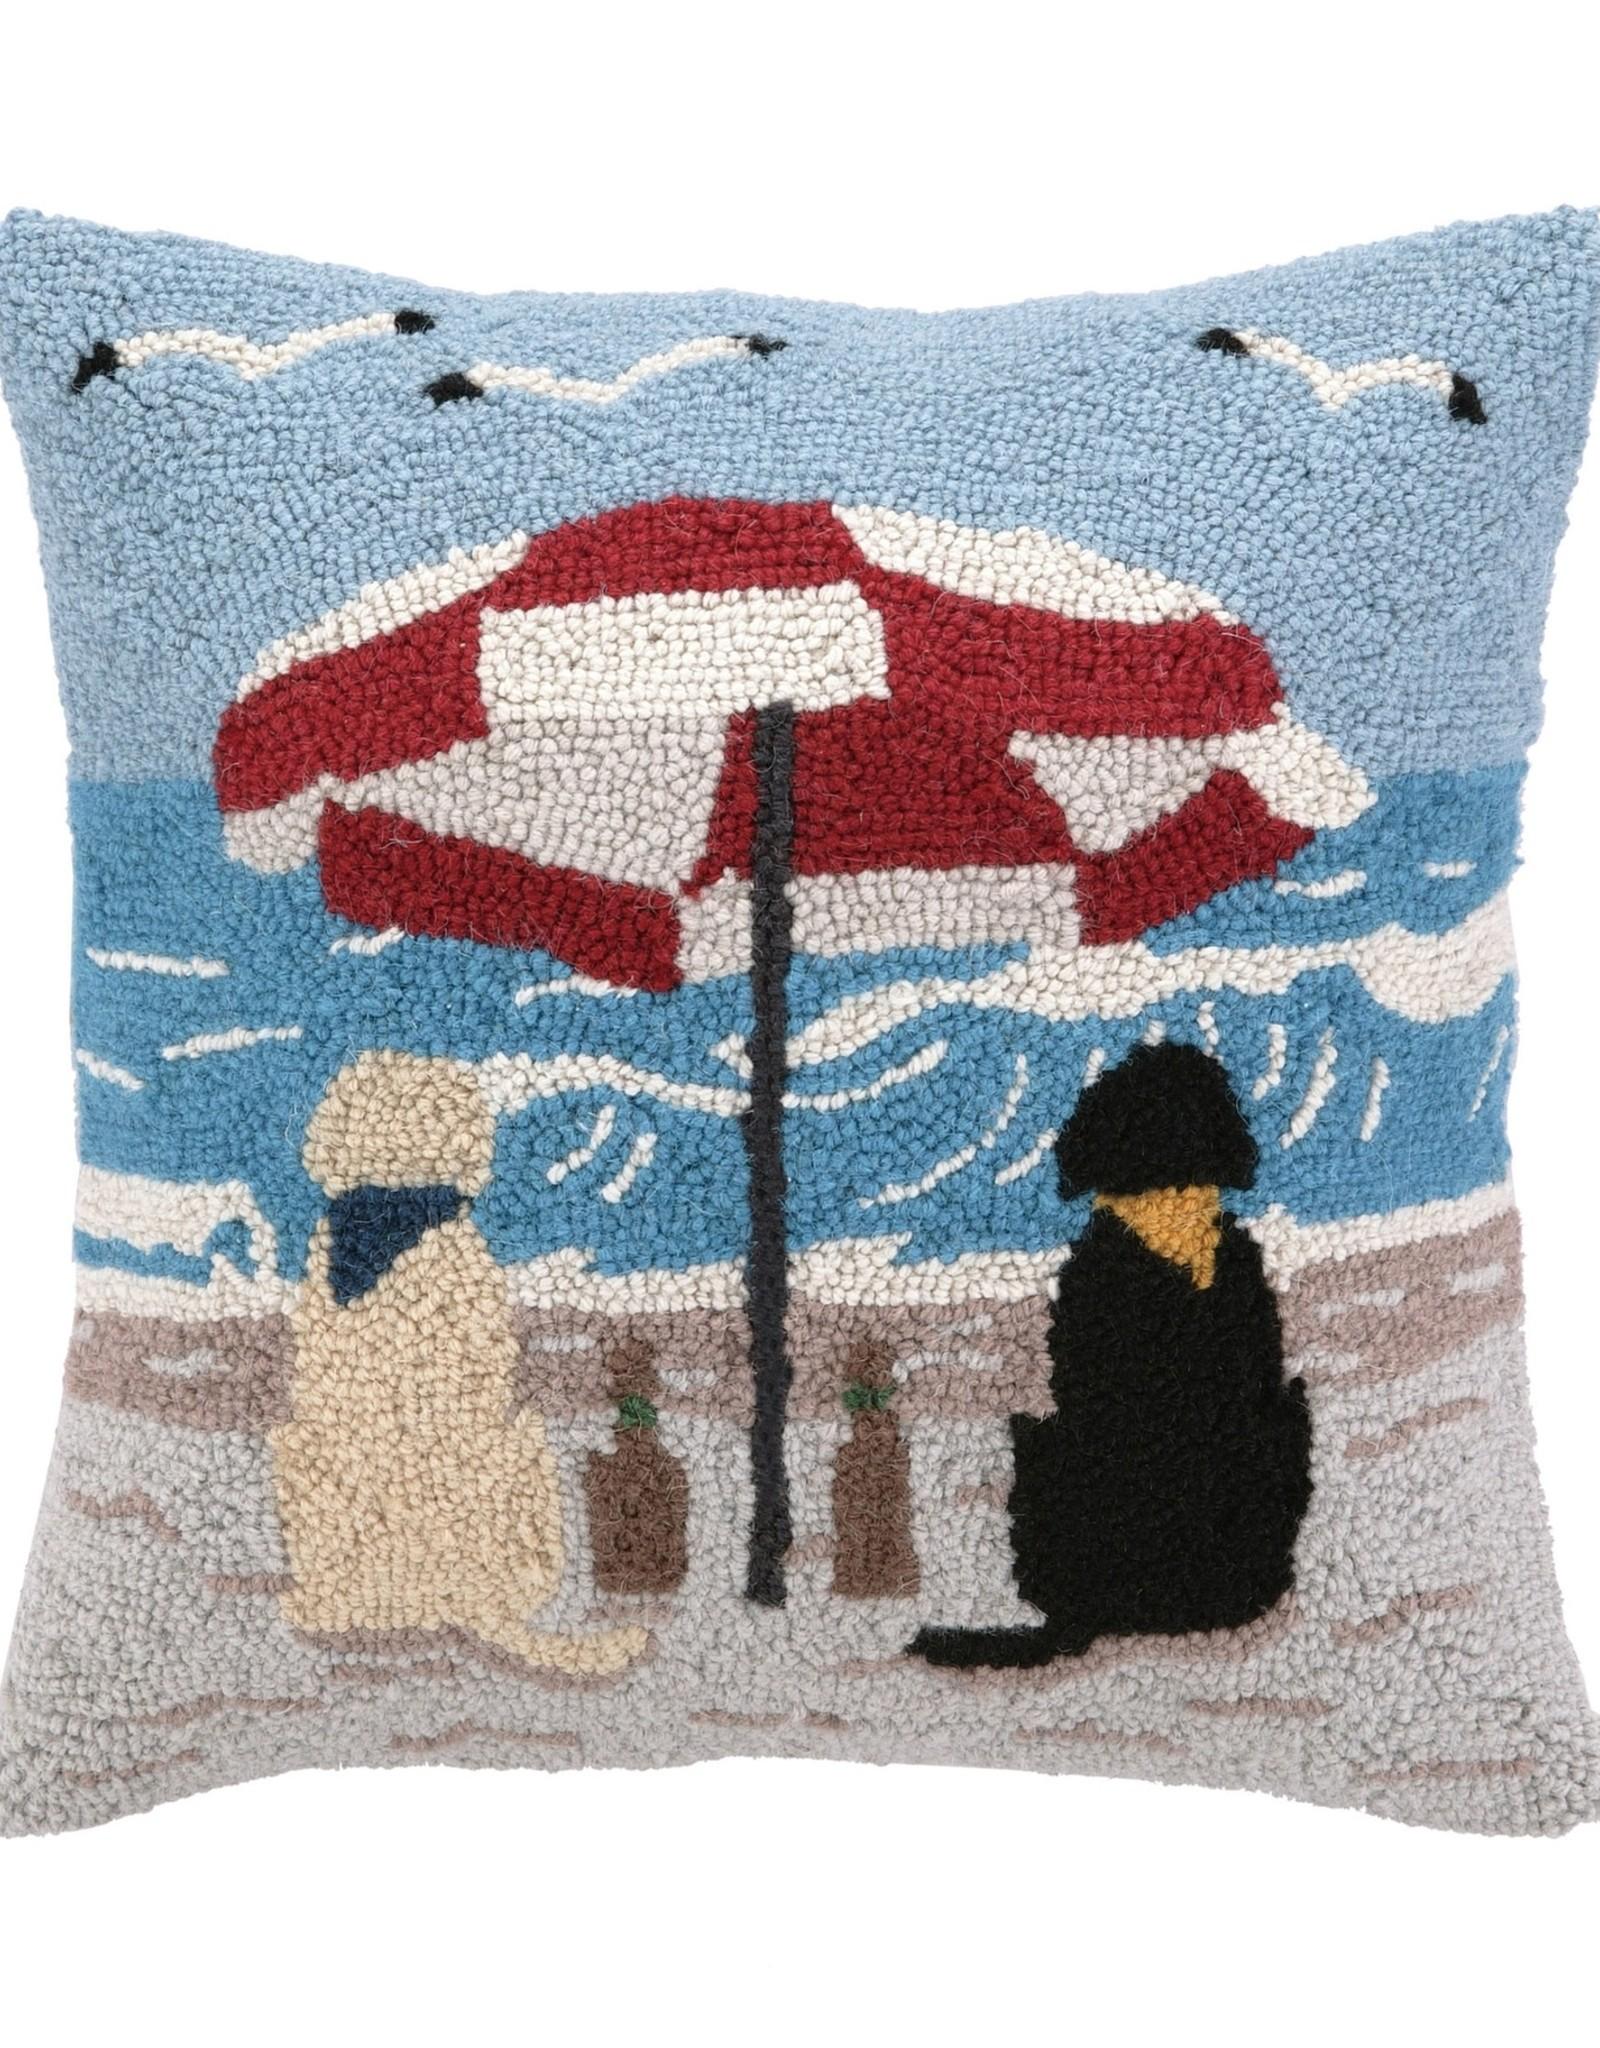 Peking Handicraft Beach Labrador Dogs Hook Pillow